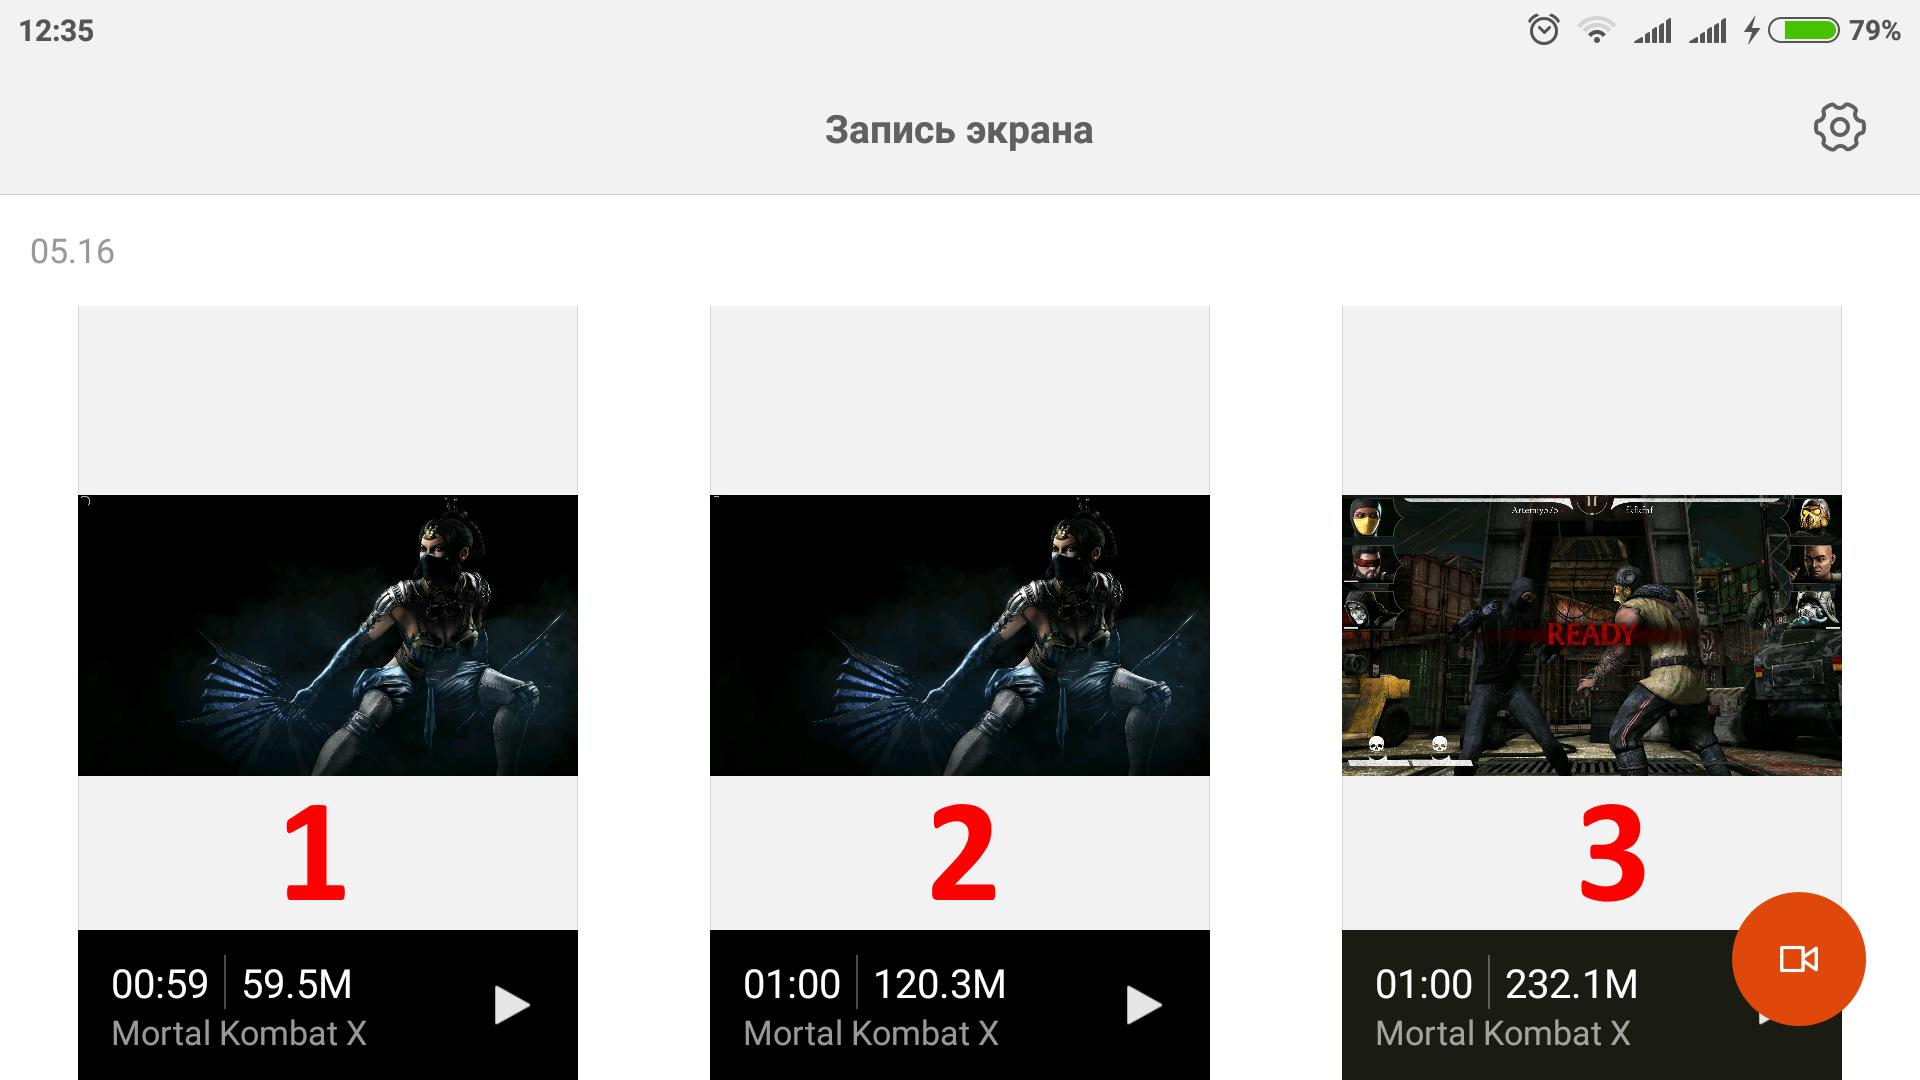 Примеры видеороликов с разным качеством в Xiaomi Redmi 4 Pro